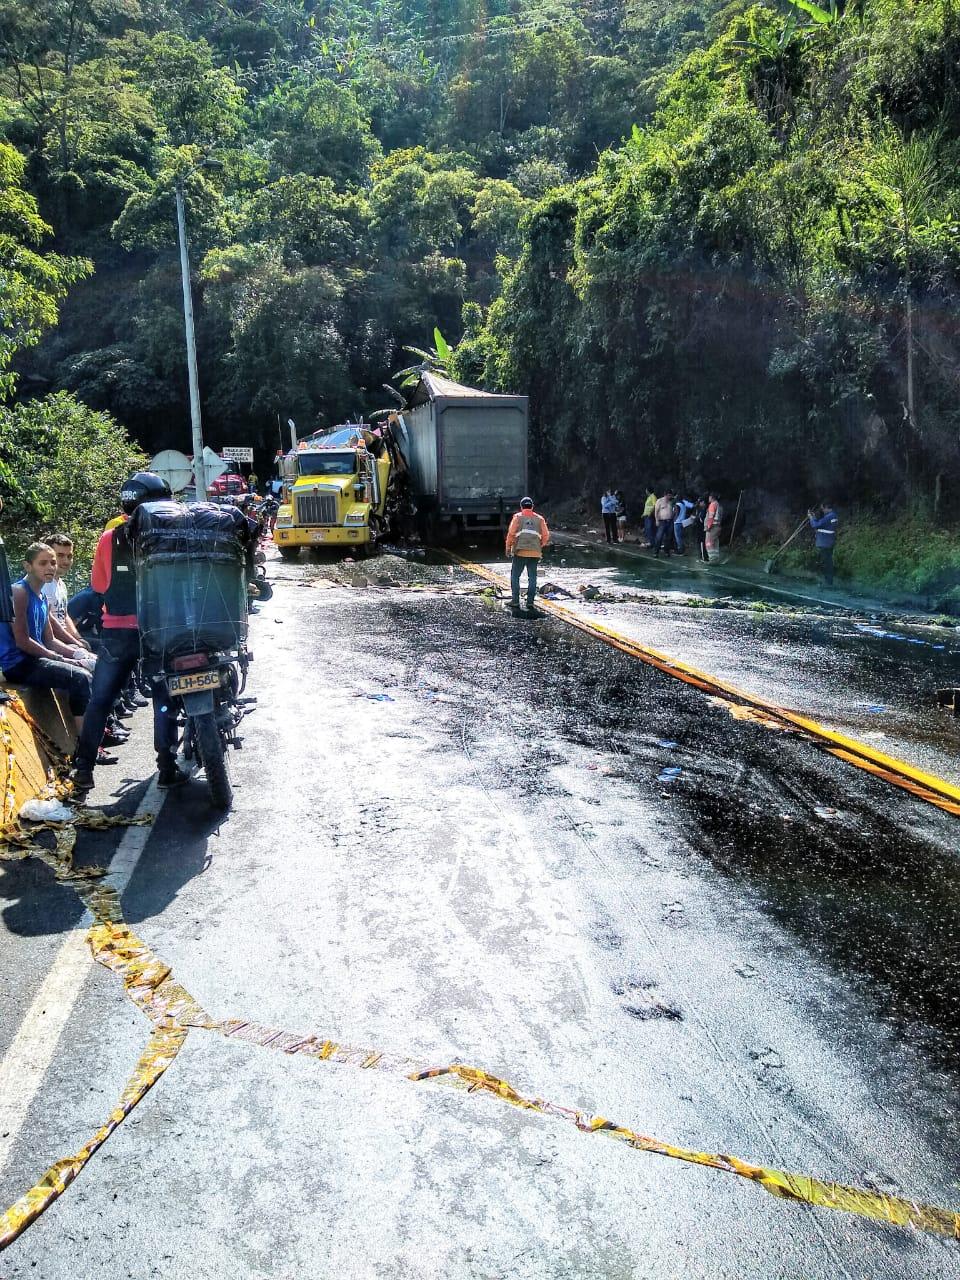 Emergencia ecológica por choque y derrame de combustible sobre la vía Cajamarca- Ibagué